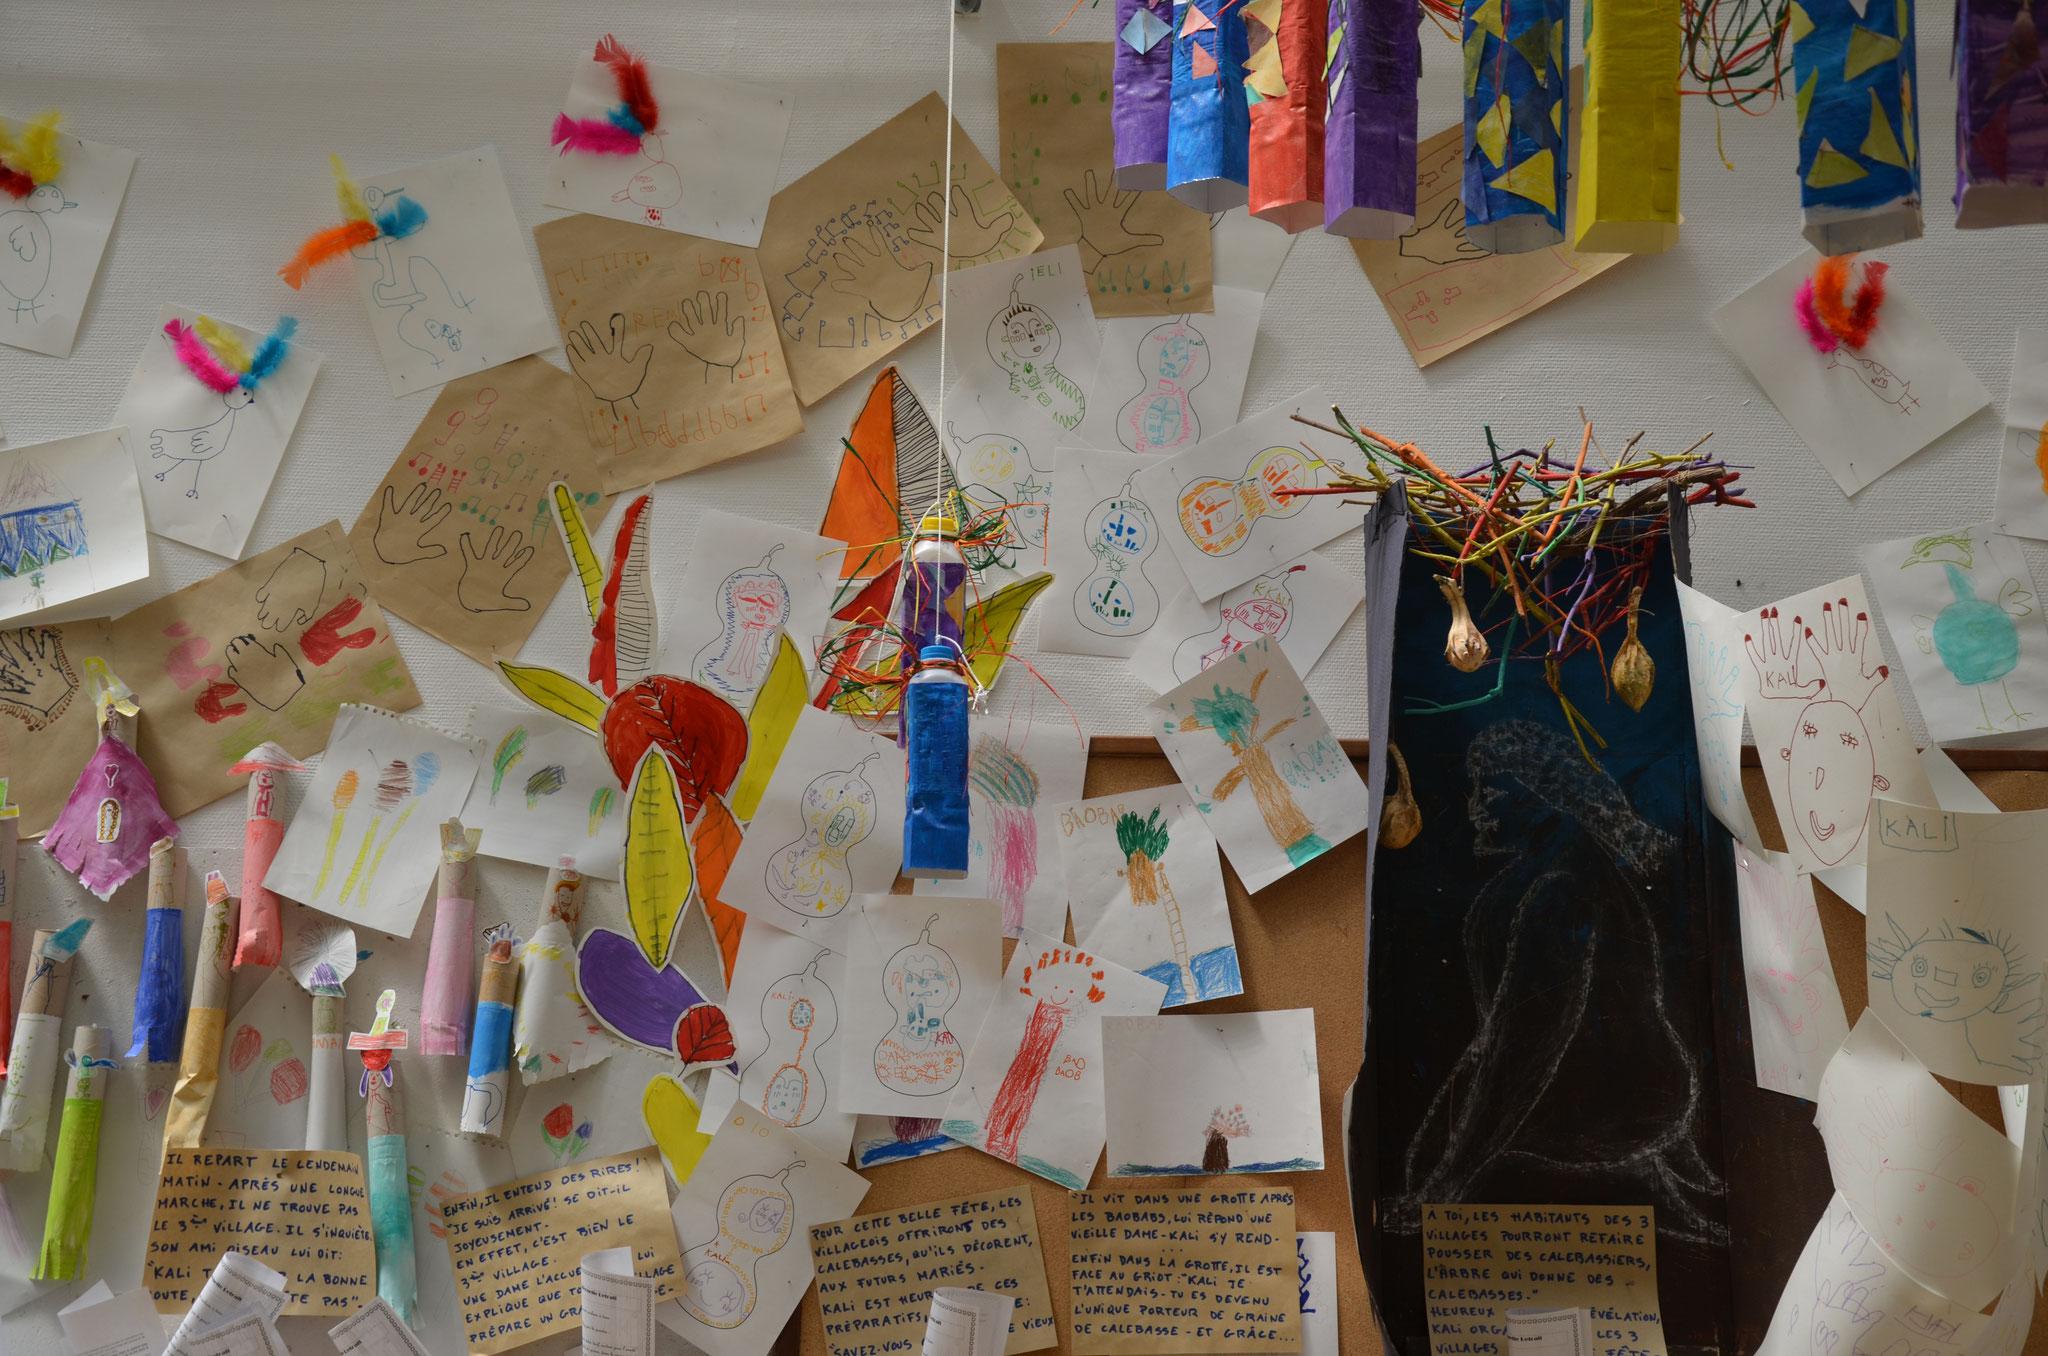 L'Oiseau aux plumes colorées est toujours au dessus de lui et l'aide à trouver le troisième village après une longue marche épuisante. Et là, les habitants y décorent les calebasses pour en faire des cadeaux de cérémonies.